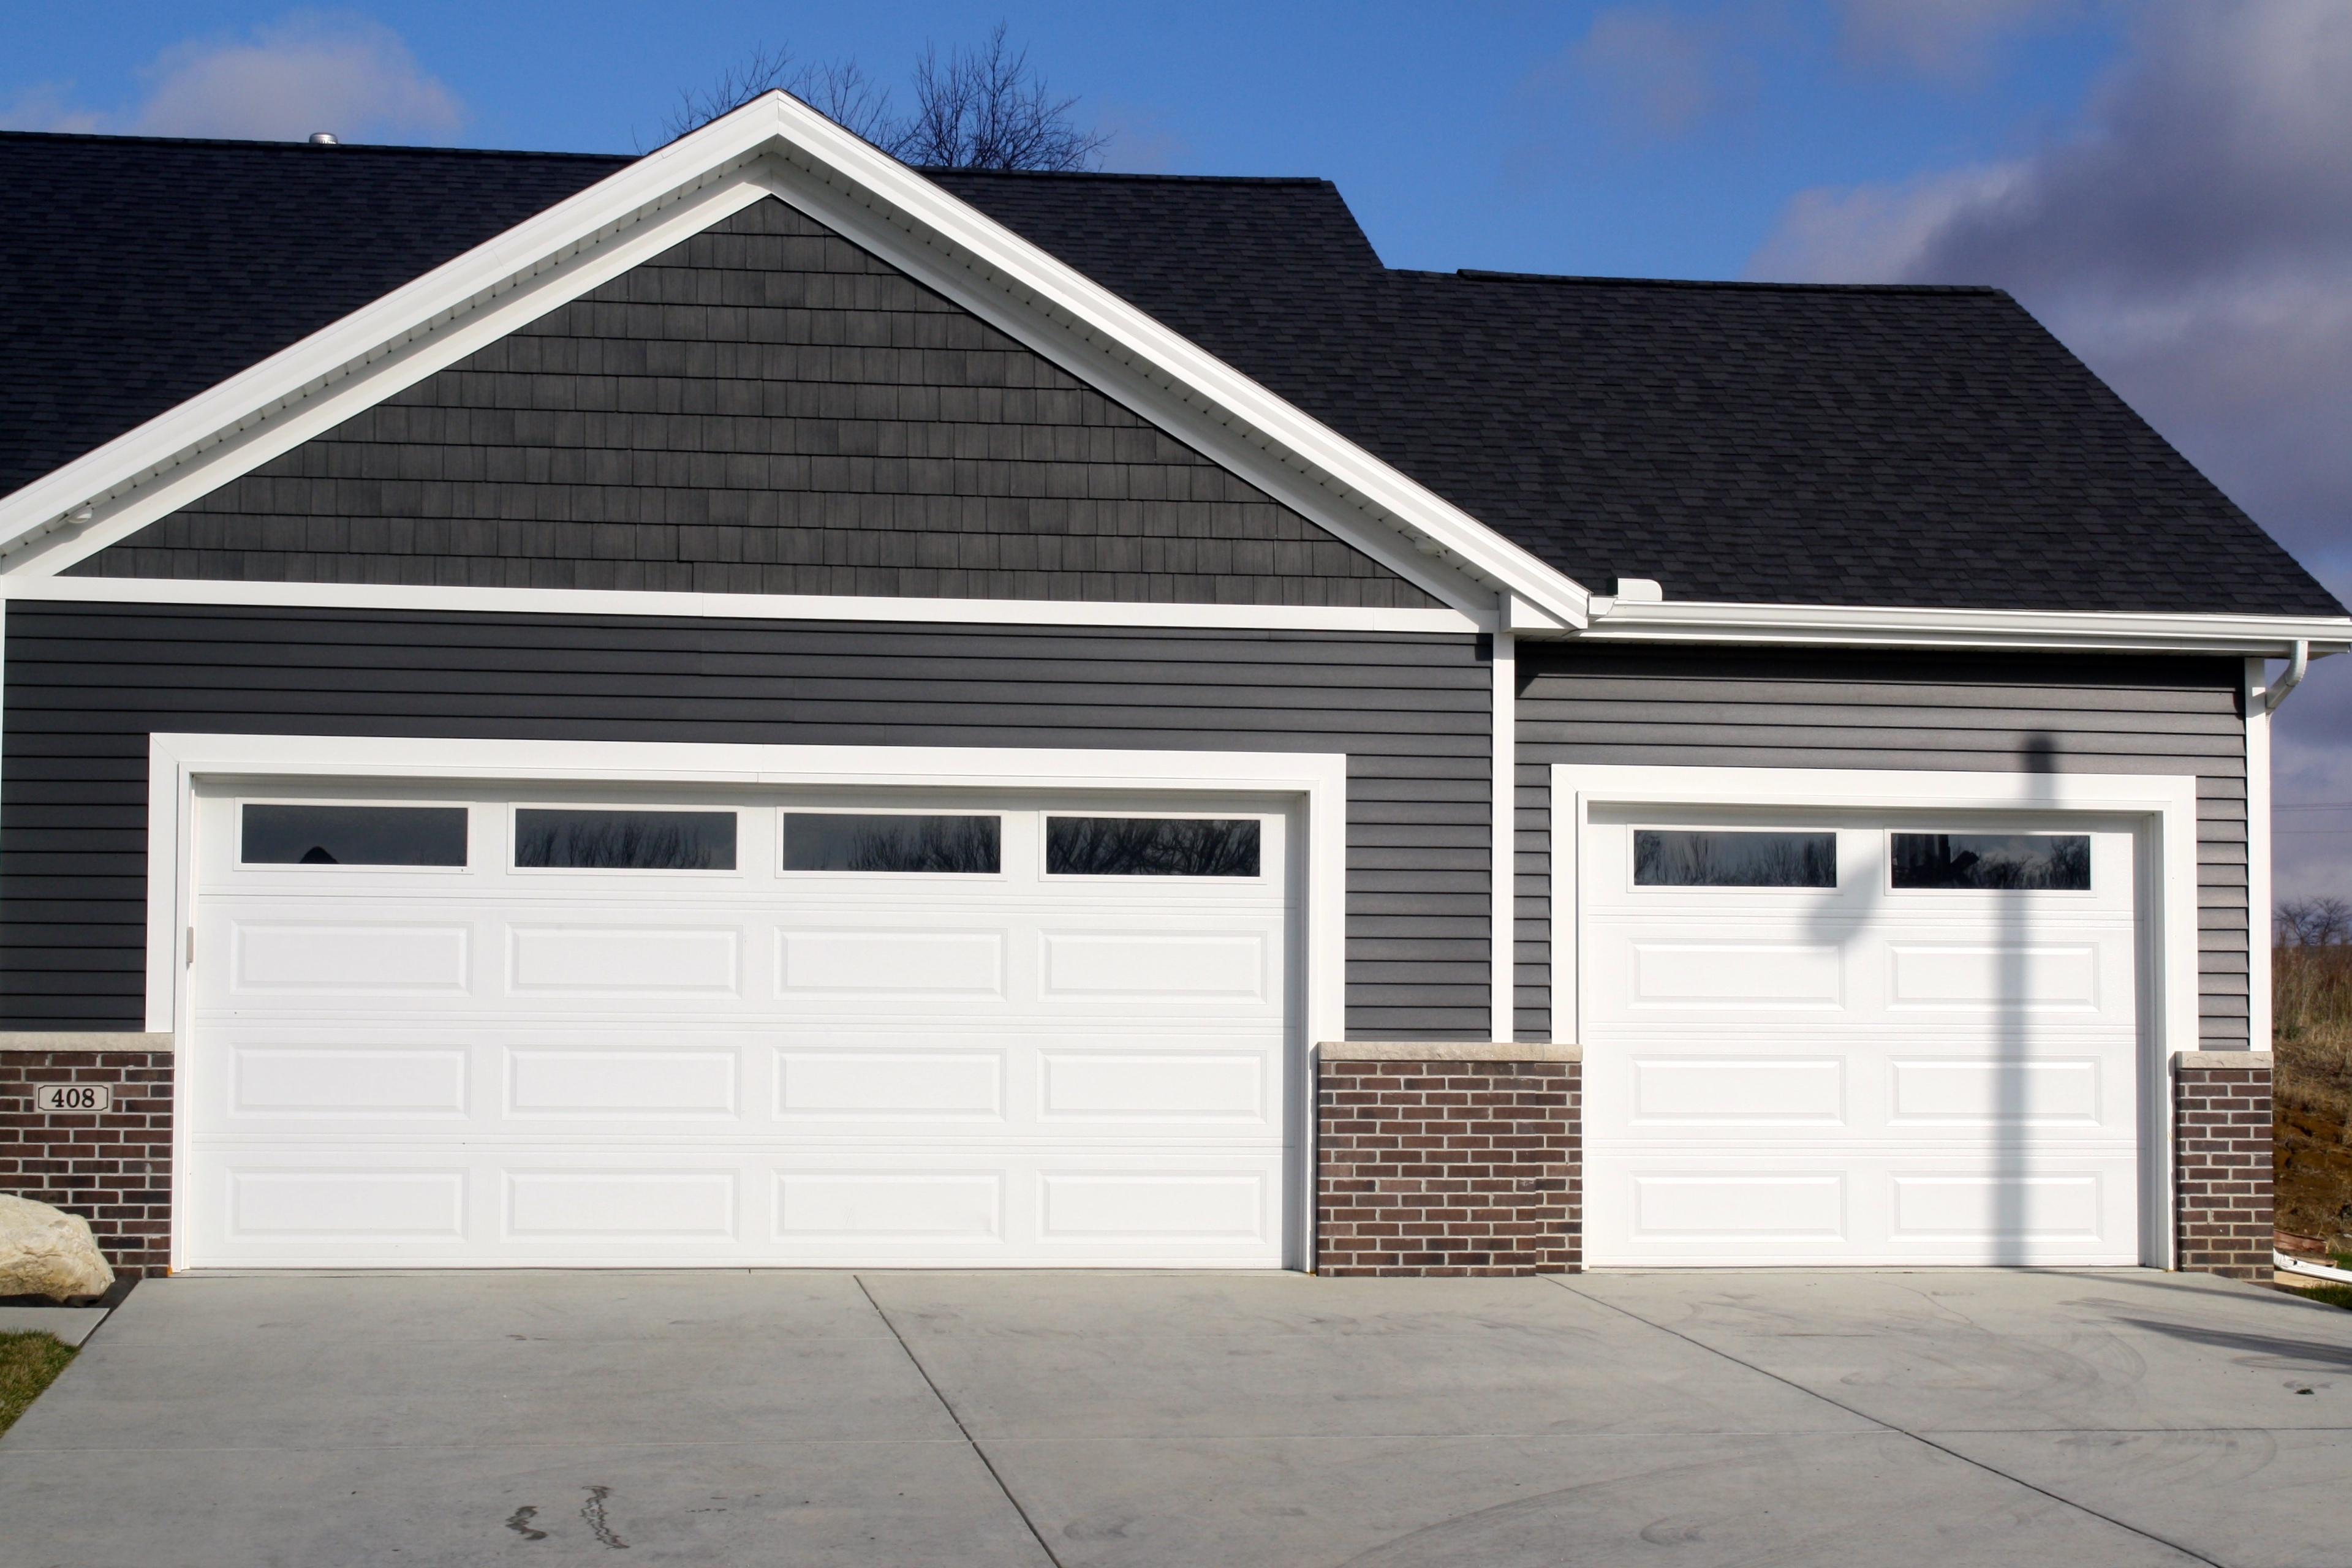 long-panel-plain-glass-windows-white-garage-door-in-downs ... on Garage Door Colors Pictures  id=93026